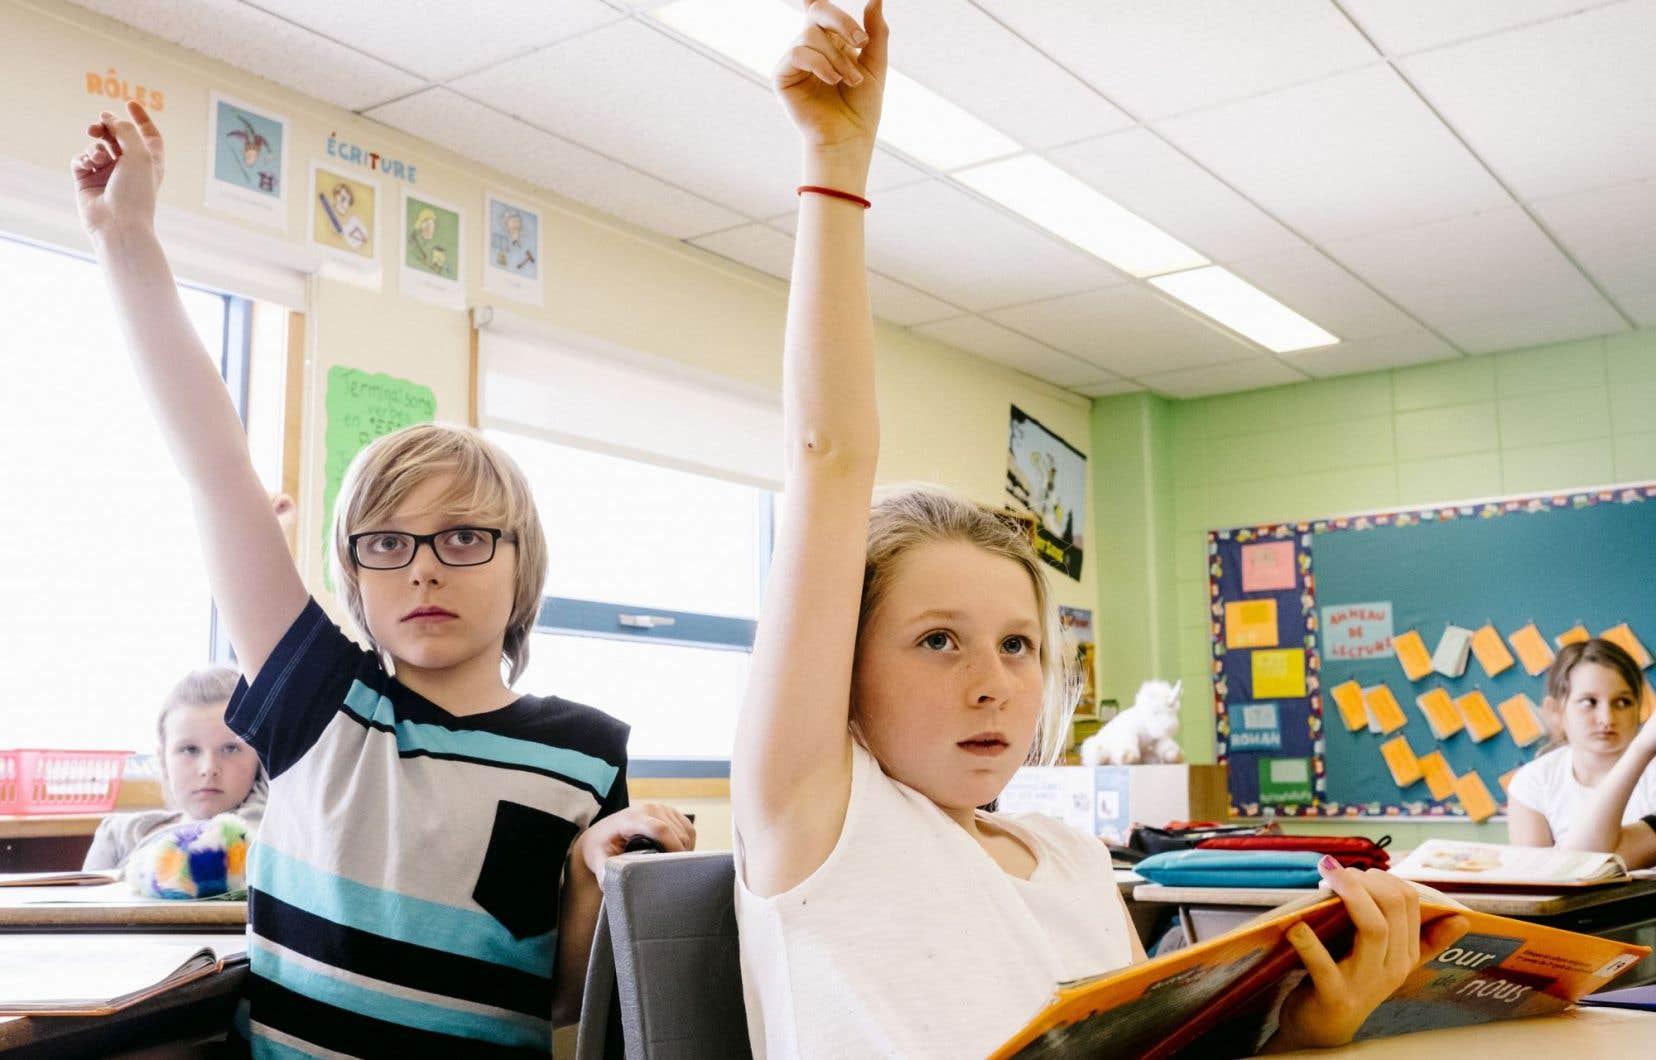 En éducation, les visions s'affrontent sur la meilleure approche à adopter pour les enfants.